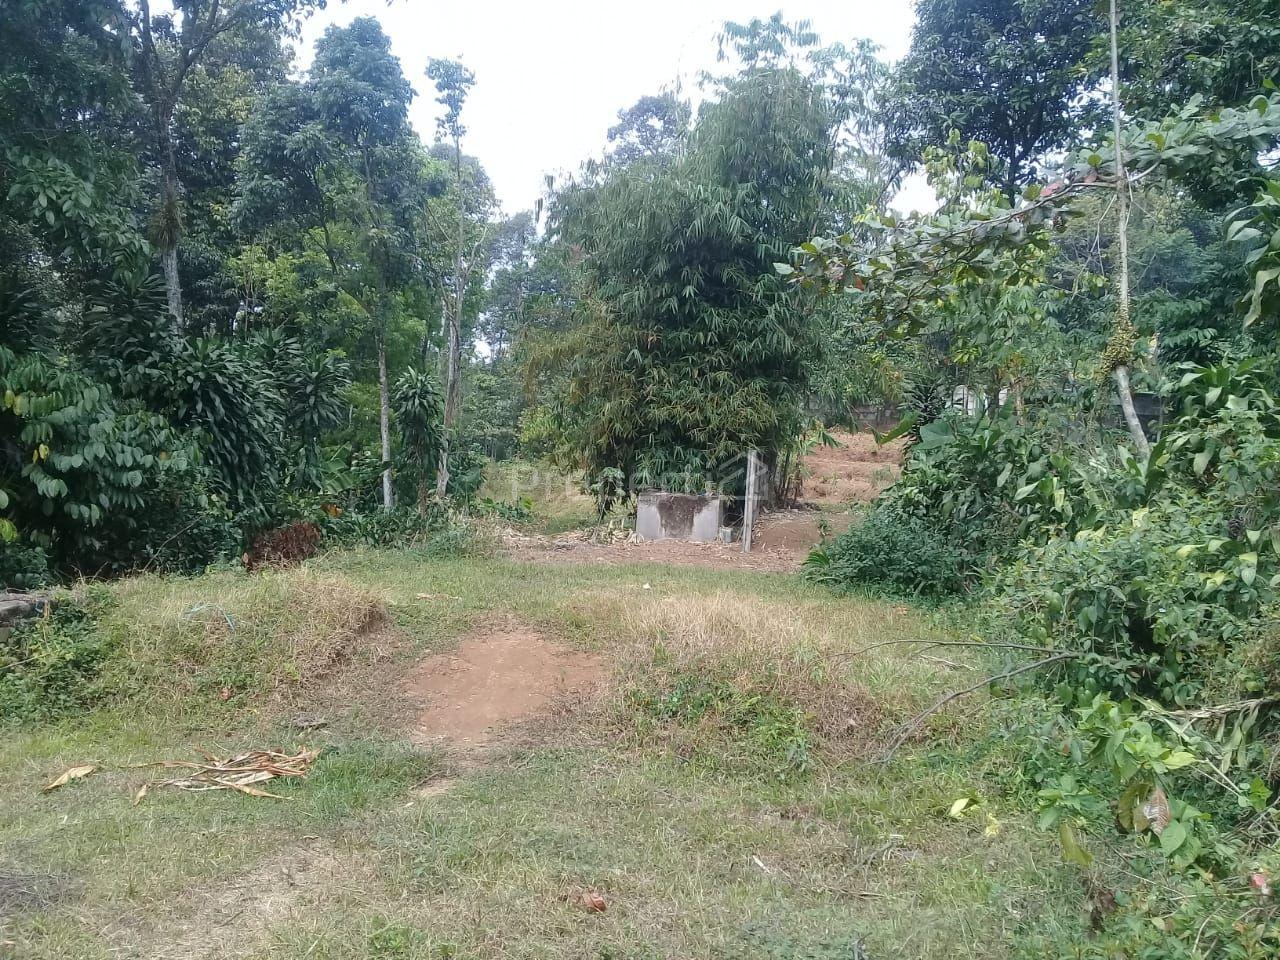 Land 5.5 Ha Allocation of Housing in Sukajadi, Bogor, Jawa Barat